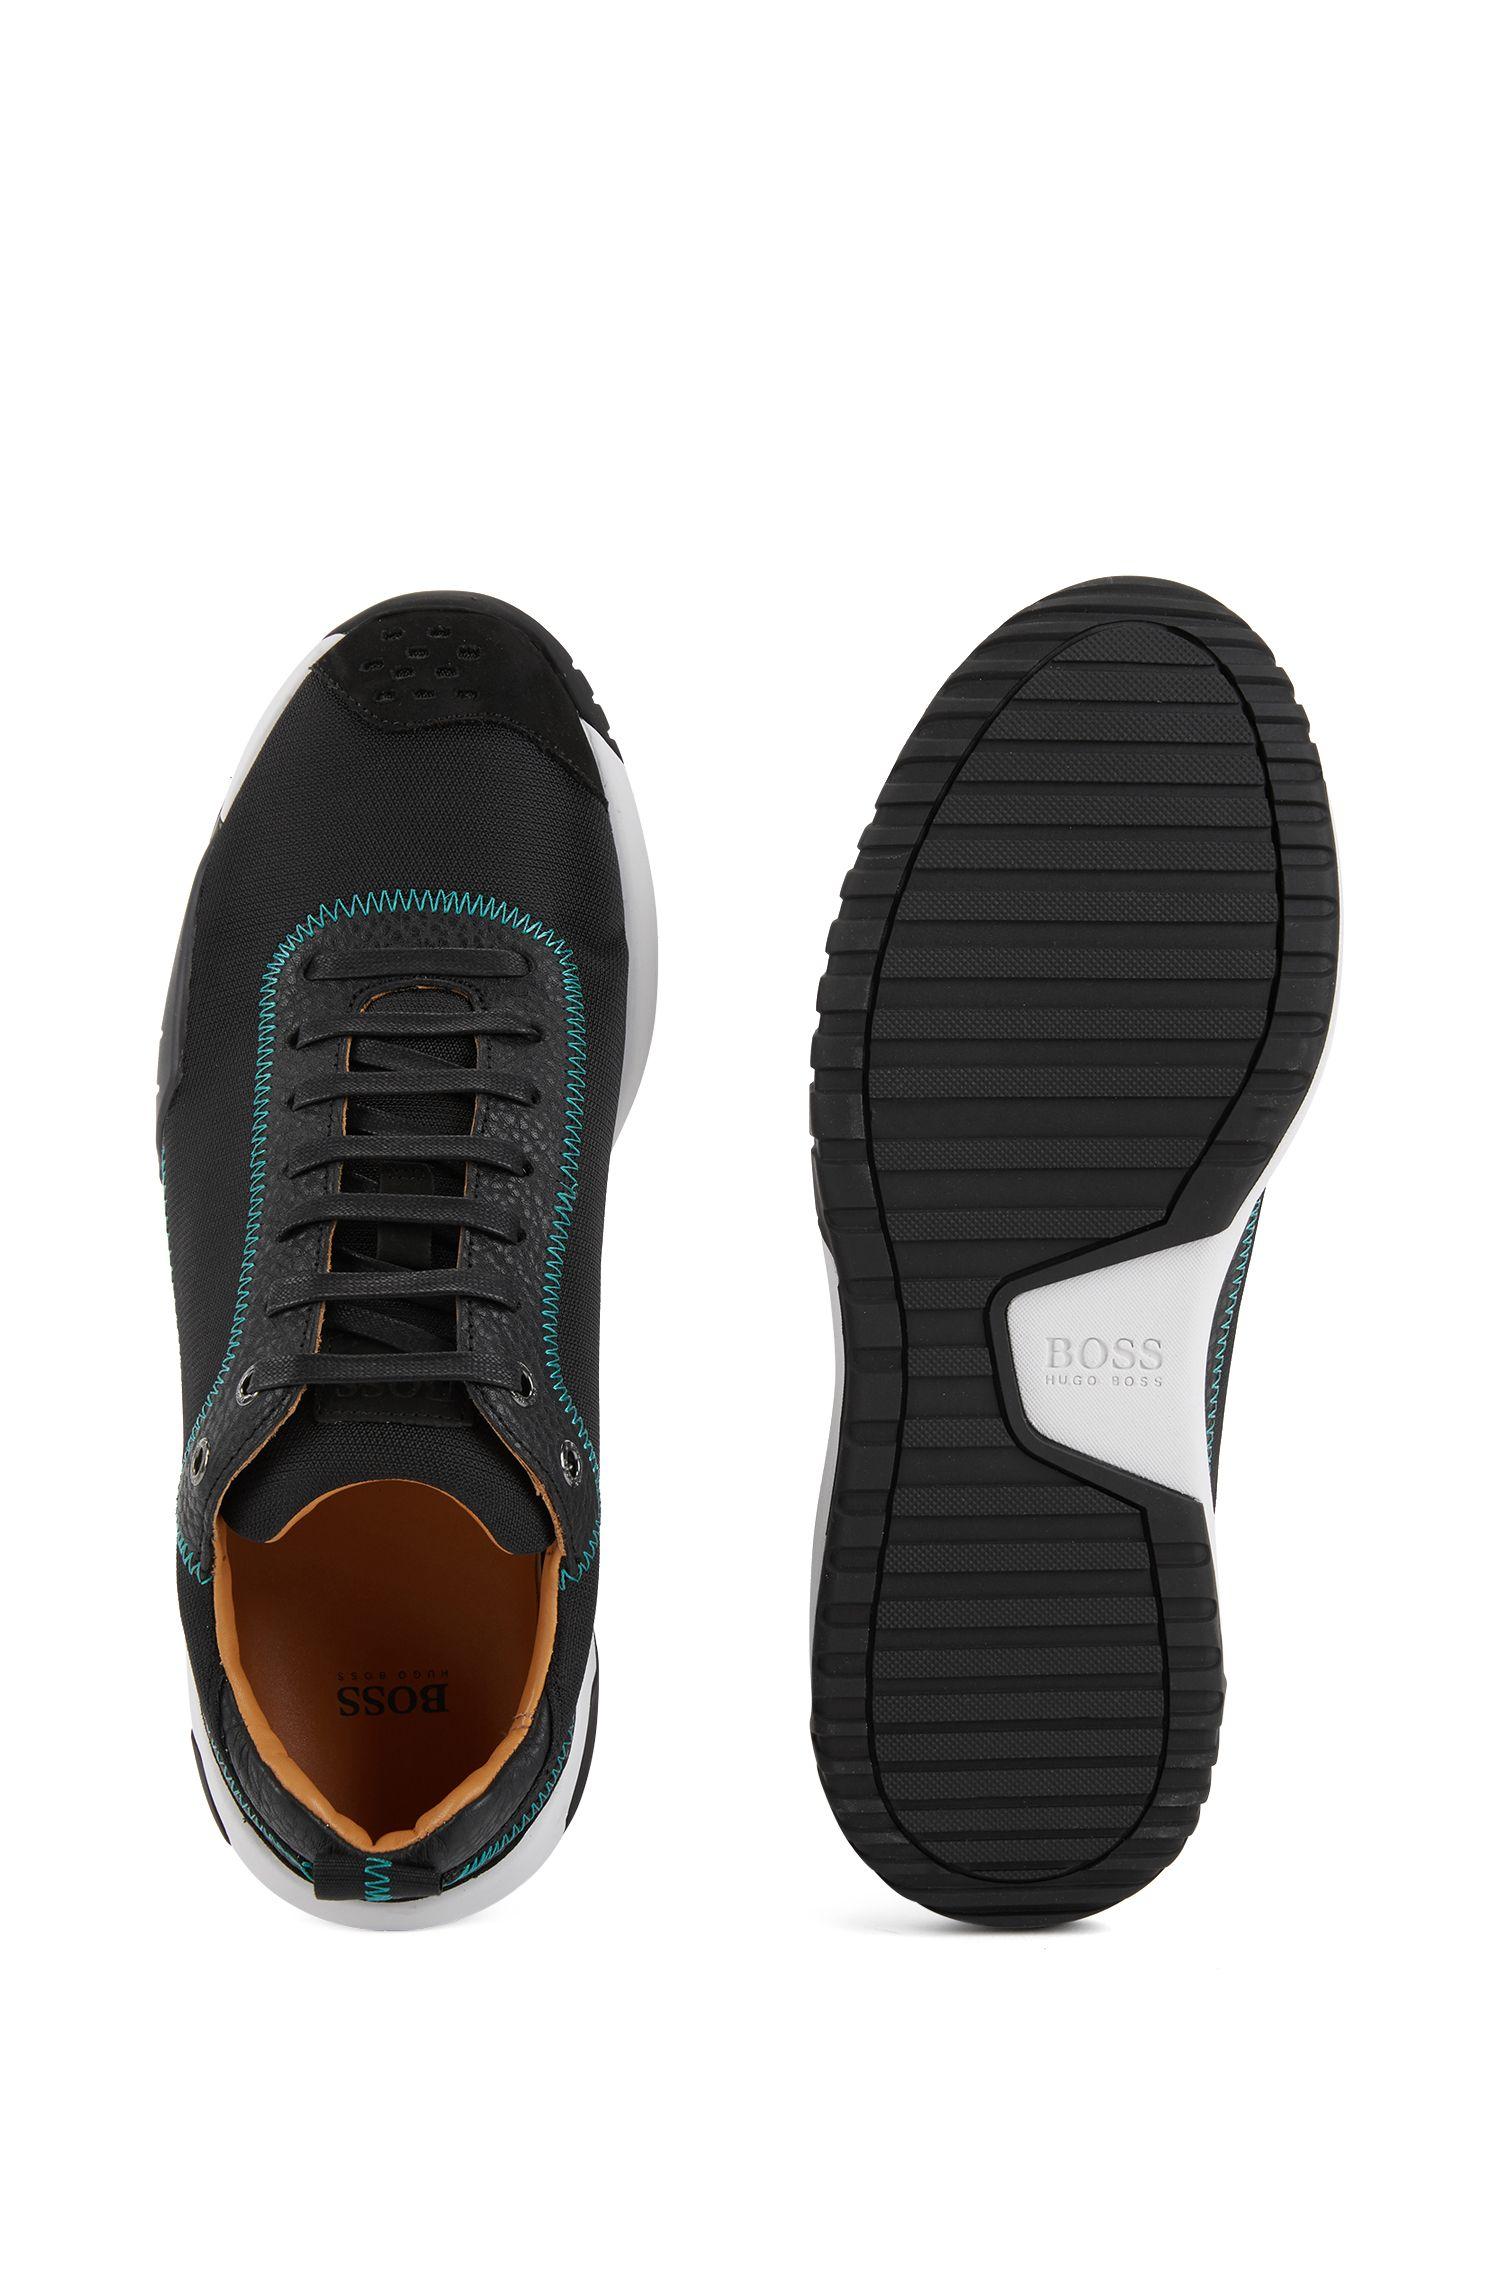 Baskets basses en tissu technique rehaussé de détails en cuir, Noir